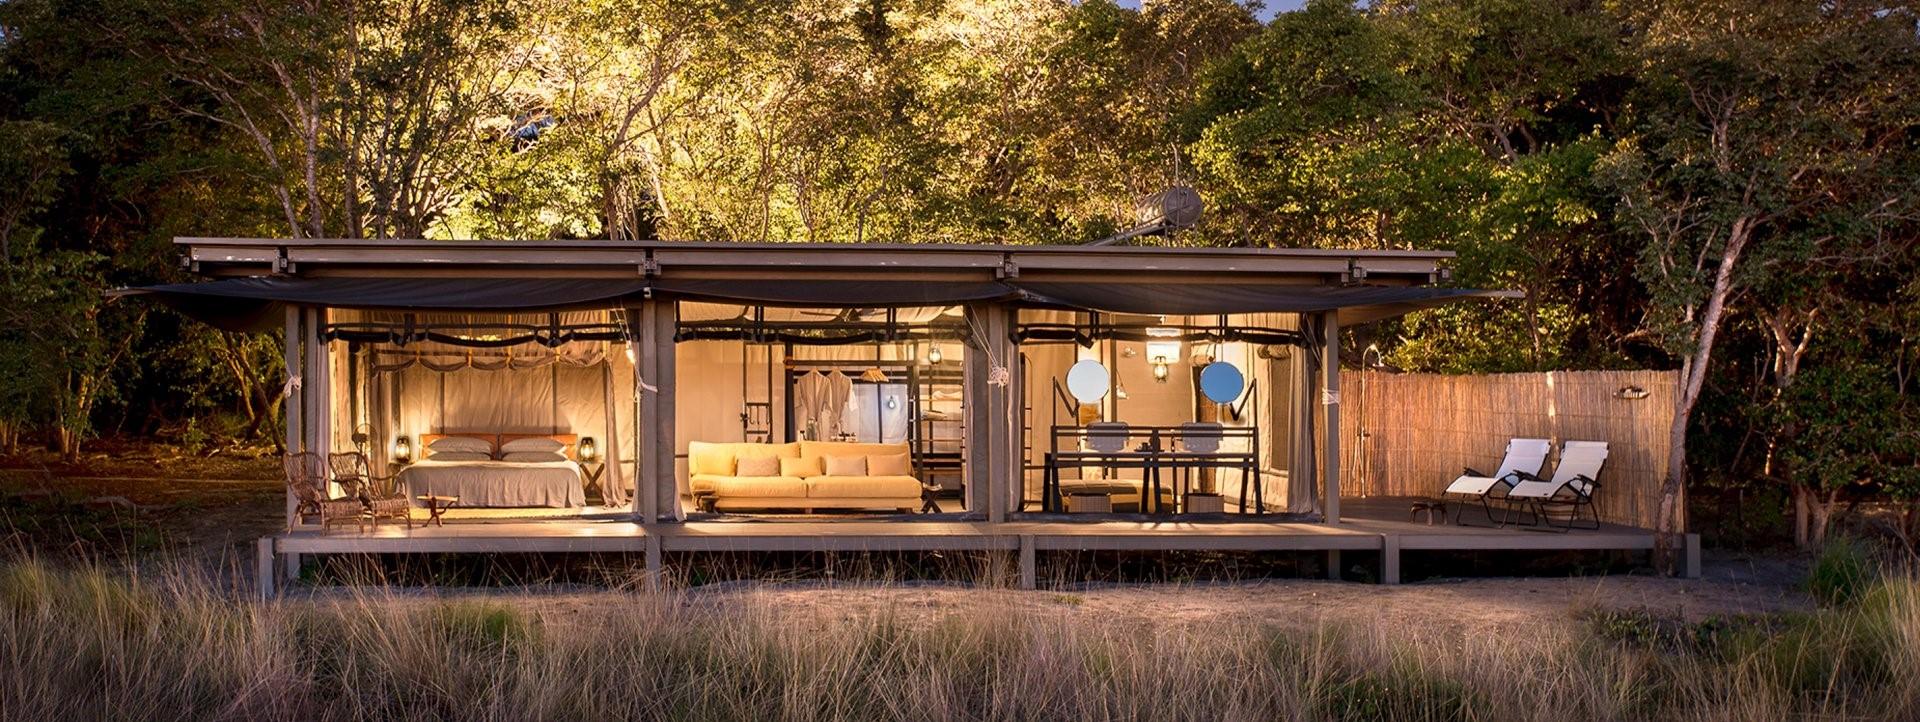 king-lewanika-lodge-luxury-accommodation